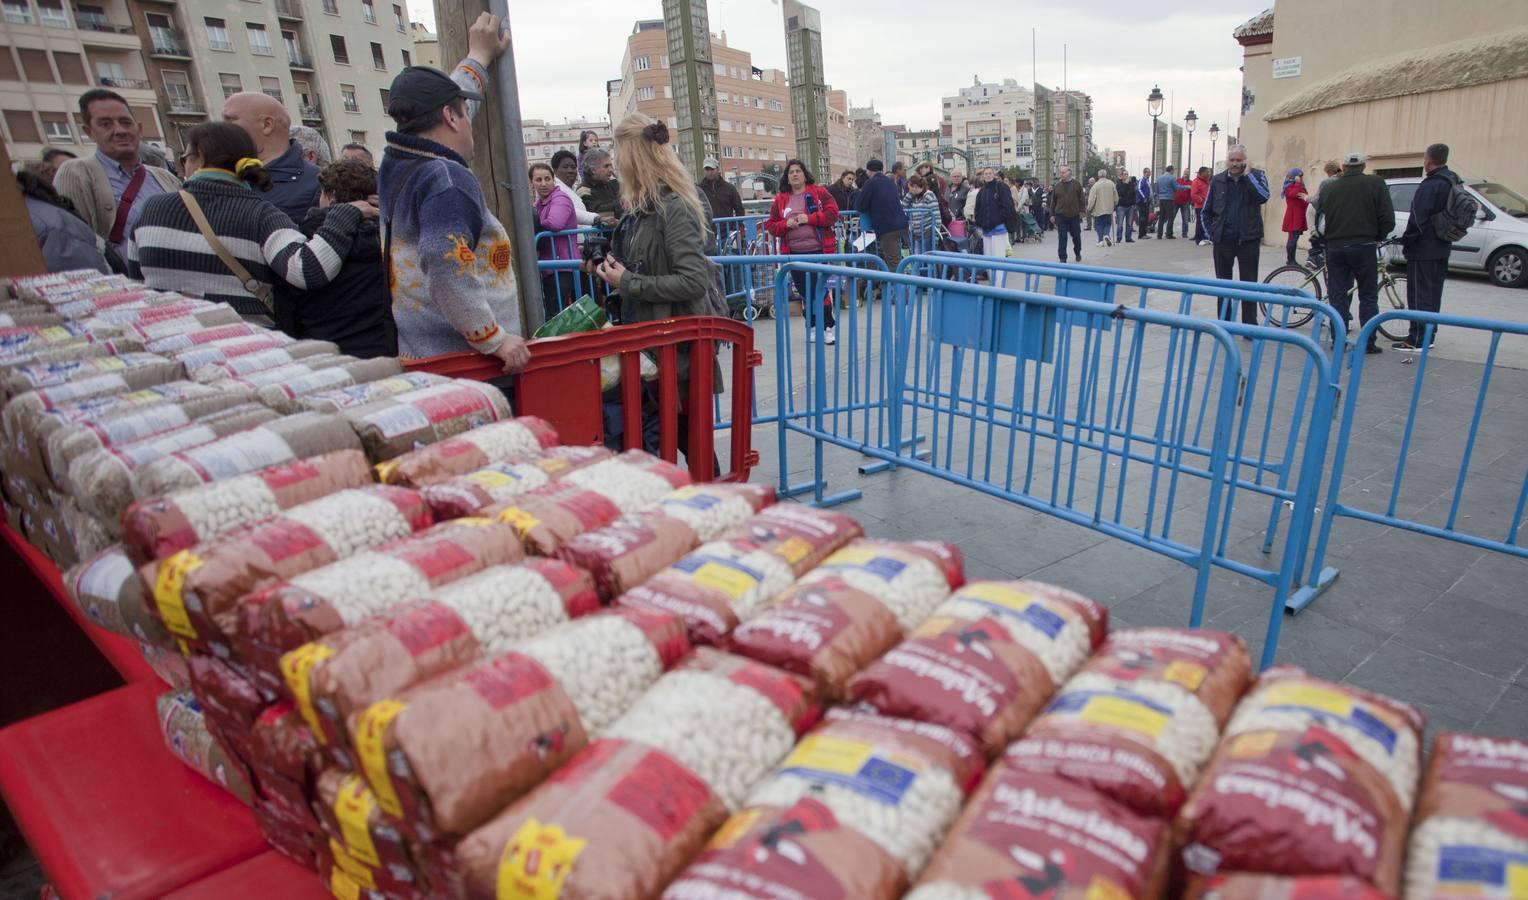 Los Ángeles Malagueños de la Noche reparten alimentos para unas 3.000 personas el día de Nochebuena